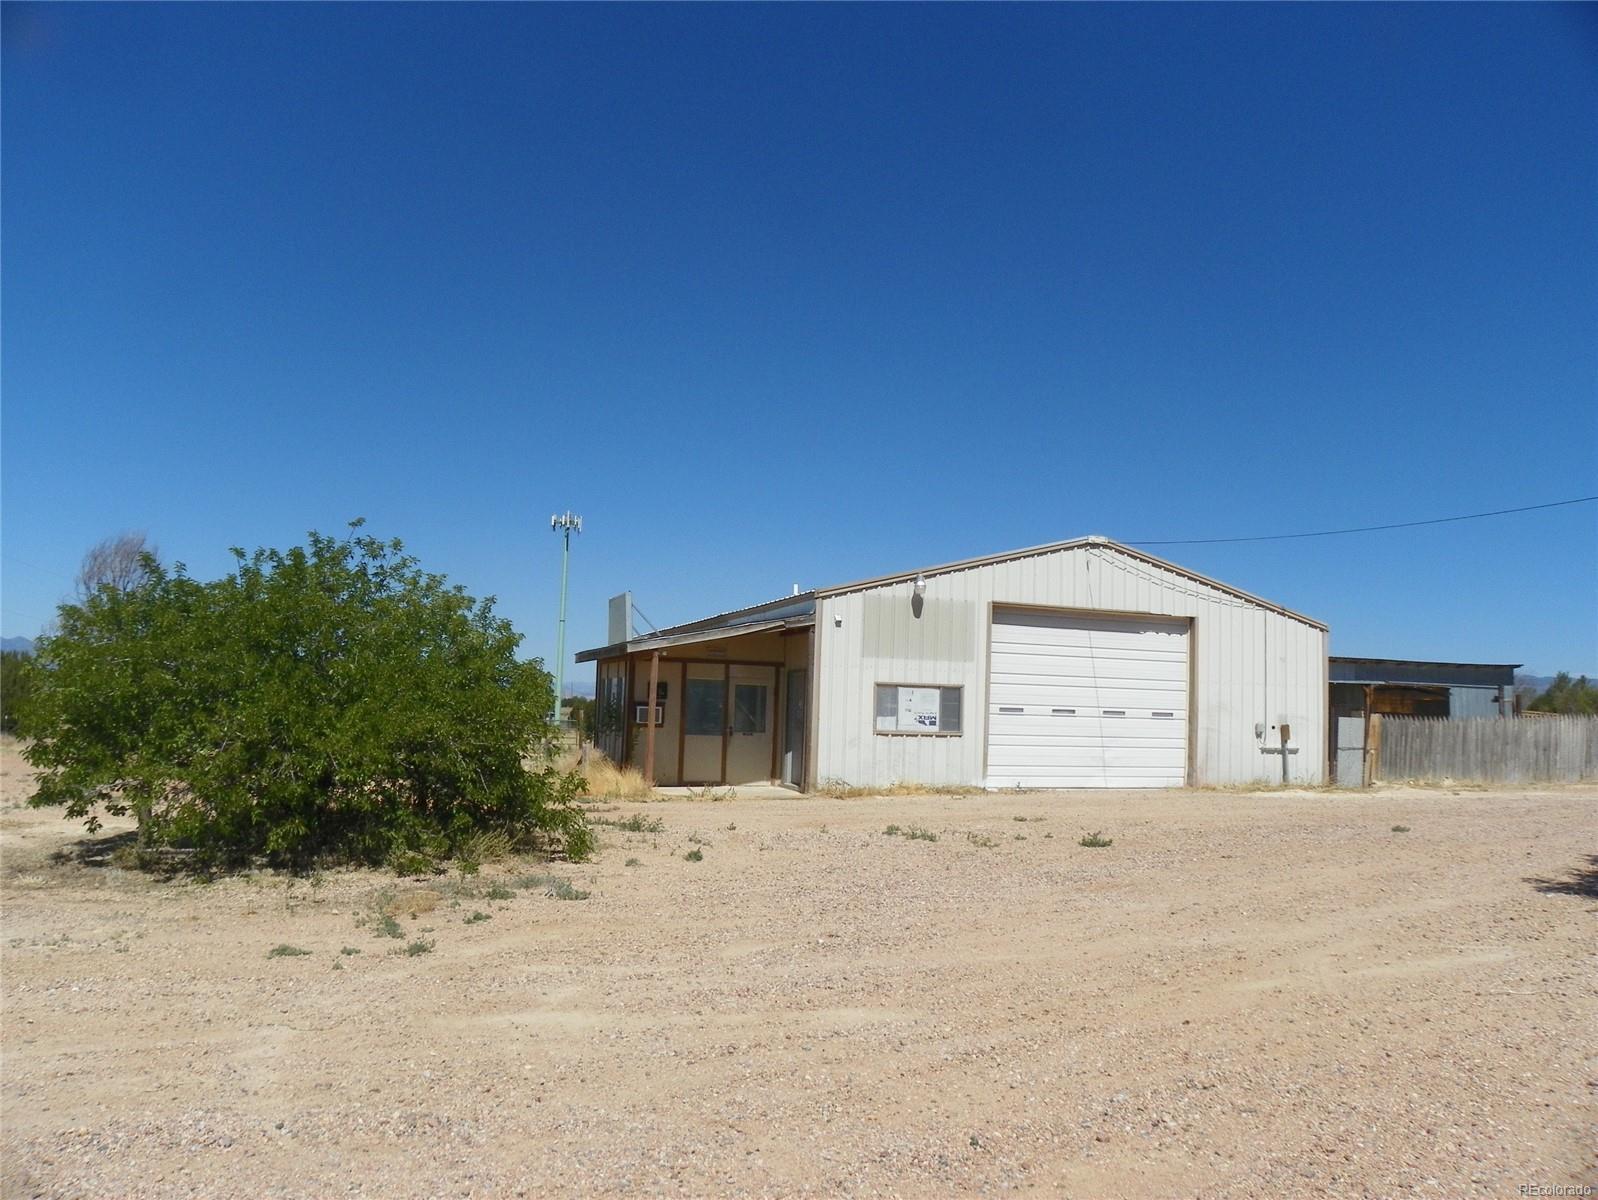 1415 N Street, Penrose, CO 81240 - Penrose, CO real estate listing